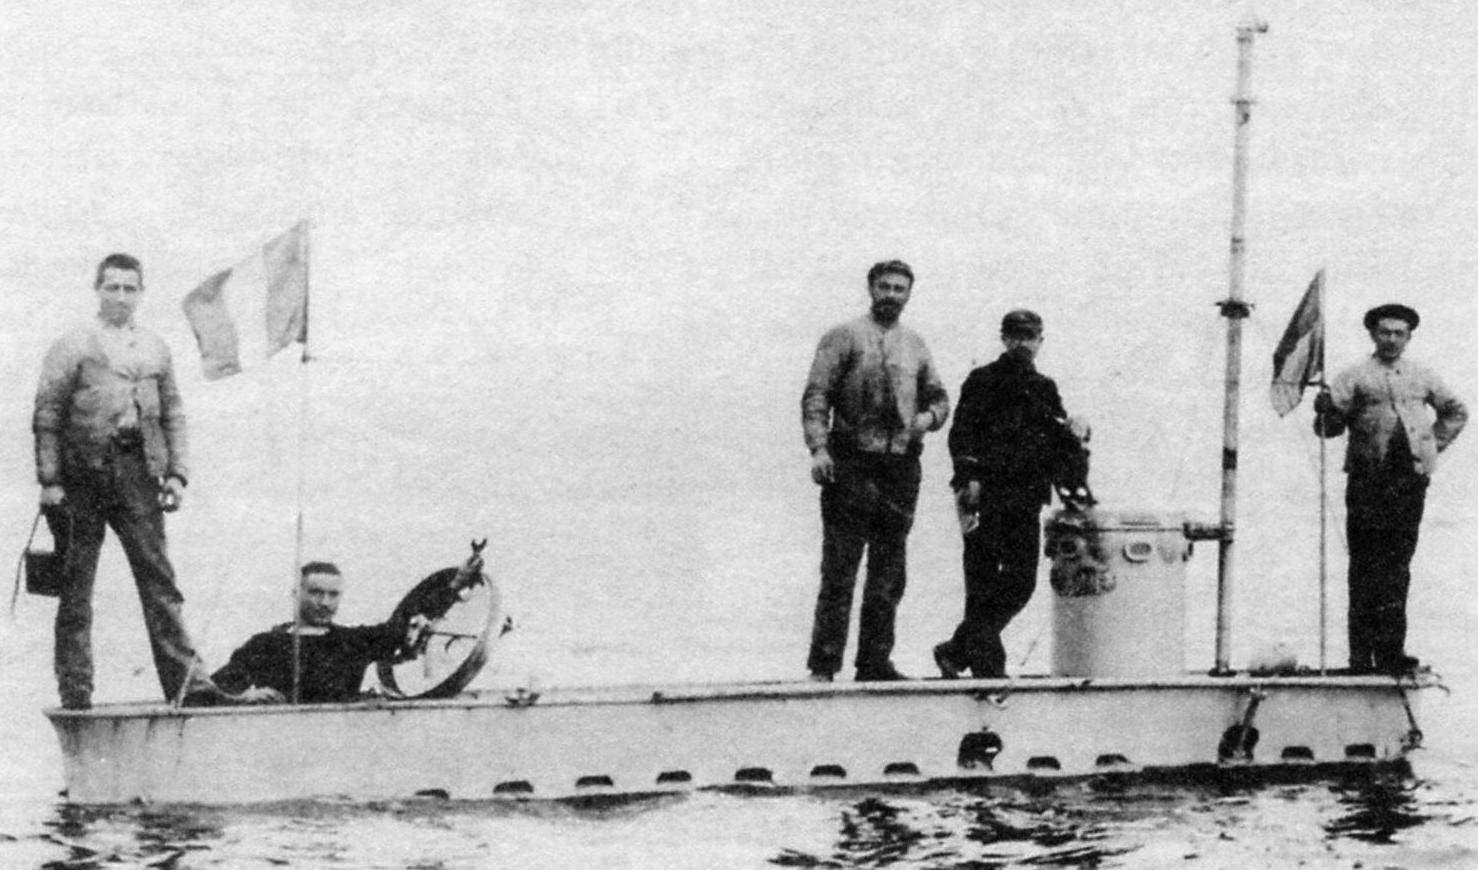 Субмарина Gymnote (над водой - только рубка), 1888 г.